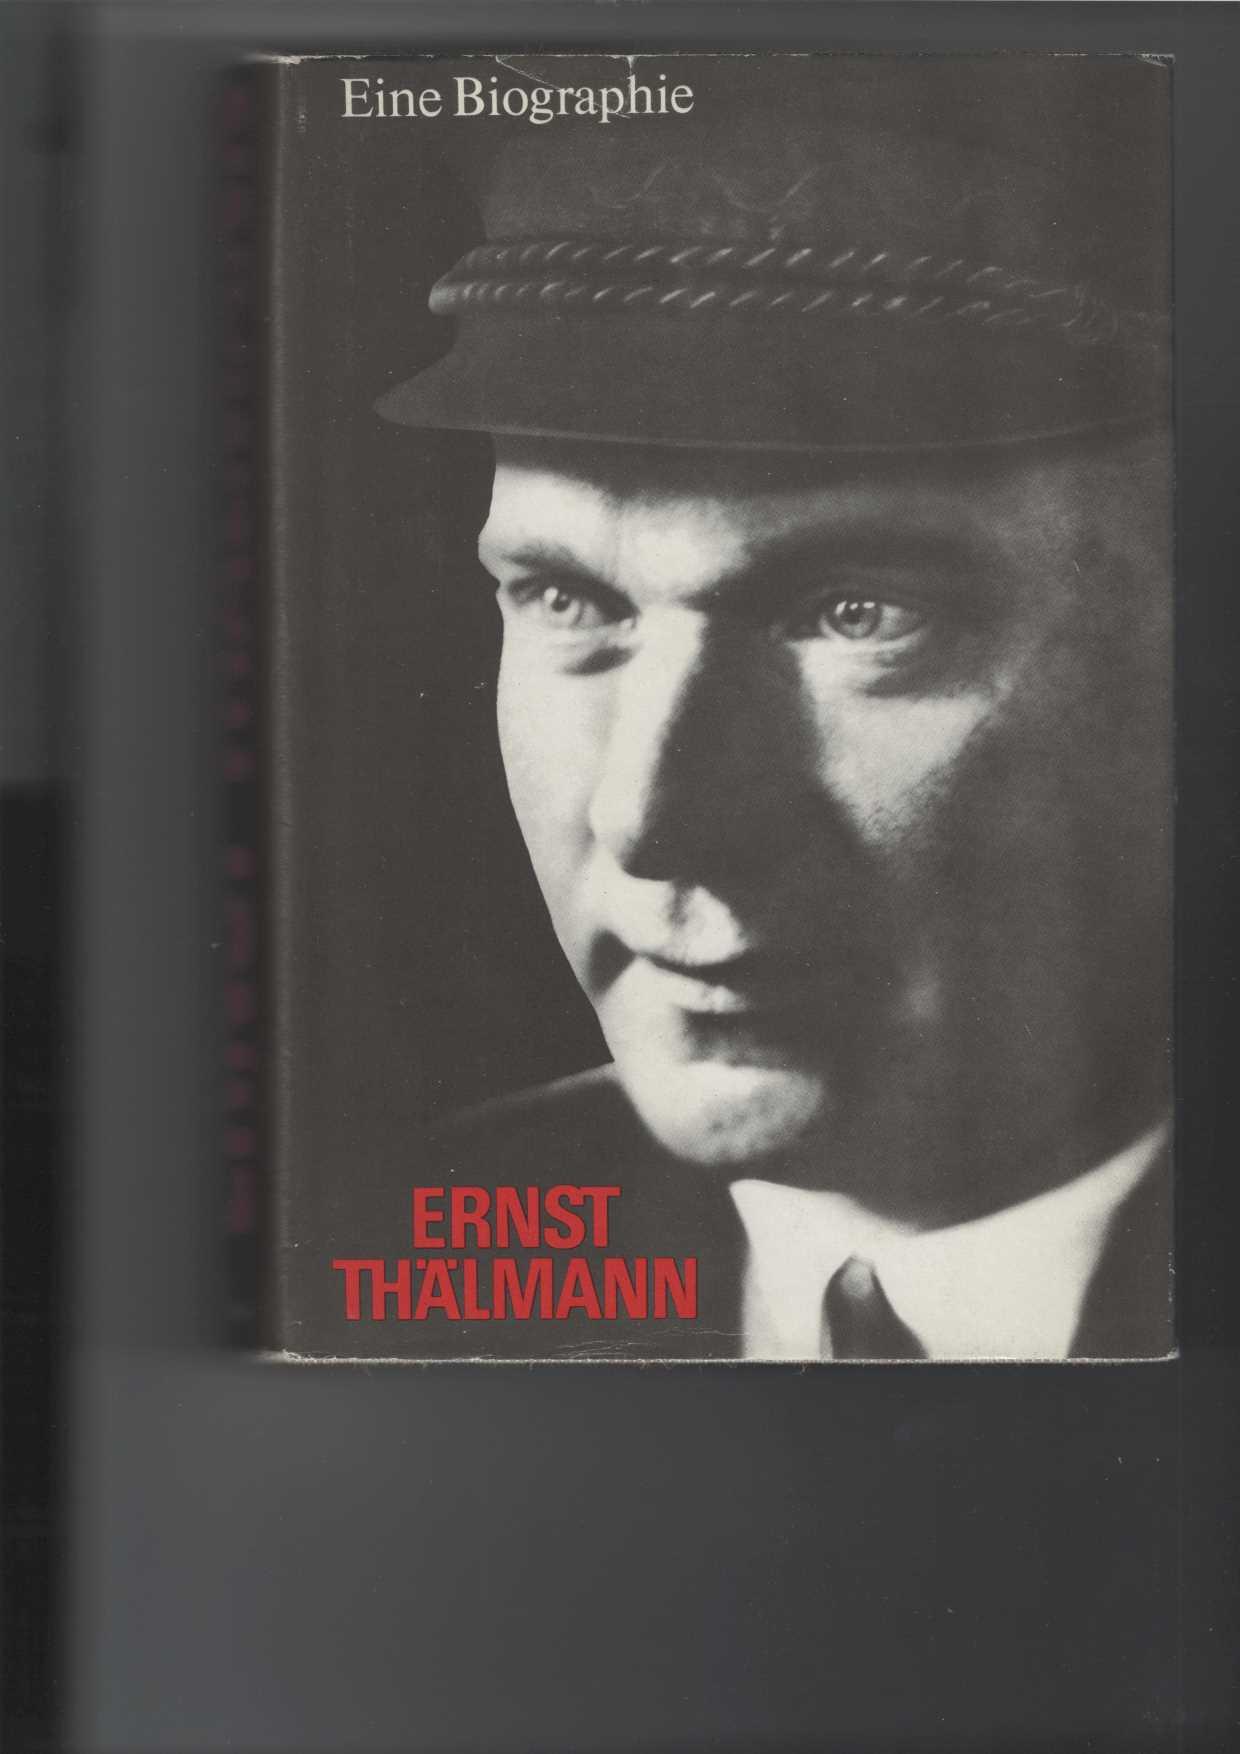 Ernst Thälmann - Eine Biographie. In einem Band. Herausgeber: Institut für Marxismus-Leninismus beim Zentralkommitee der SED. Mit 1 Frontispiz und 137 Abbildungen. 3. Aufl.,